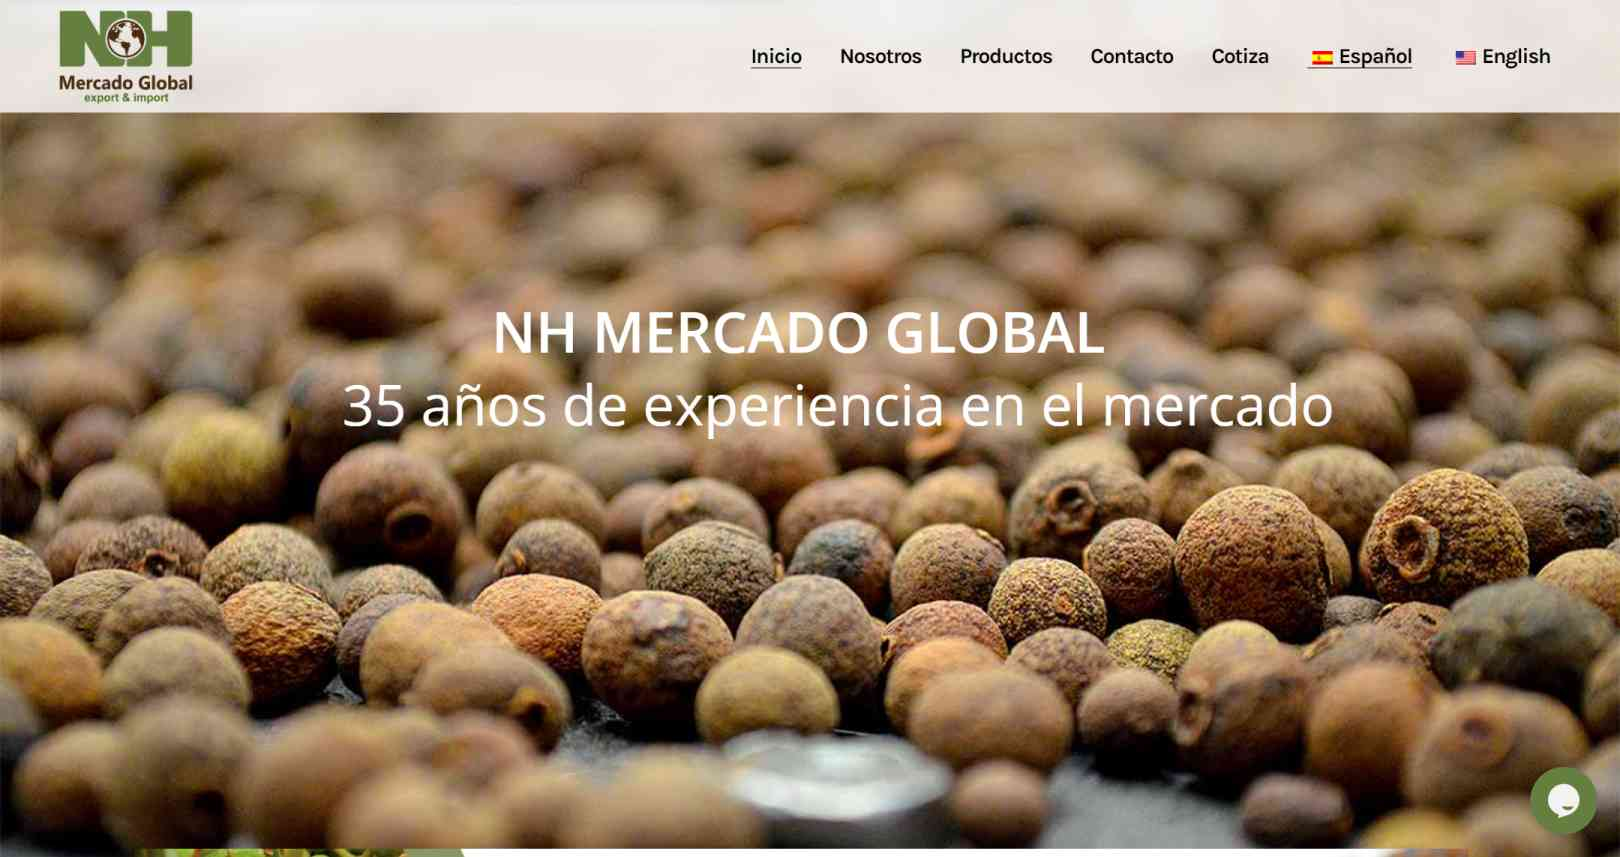 Nh mercado global